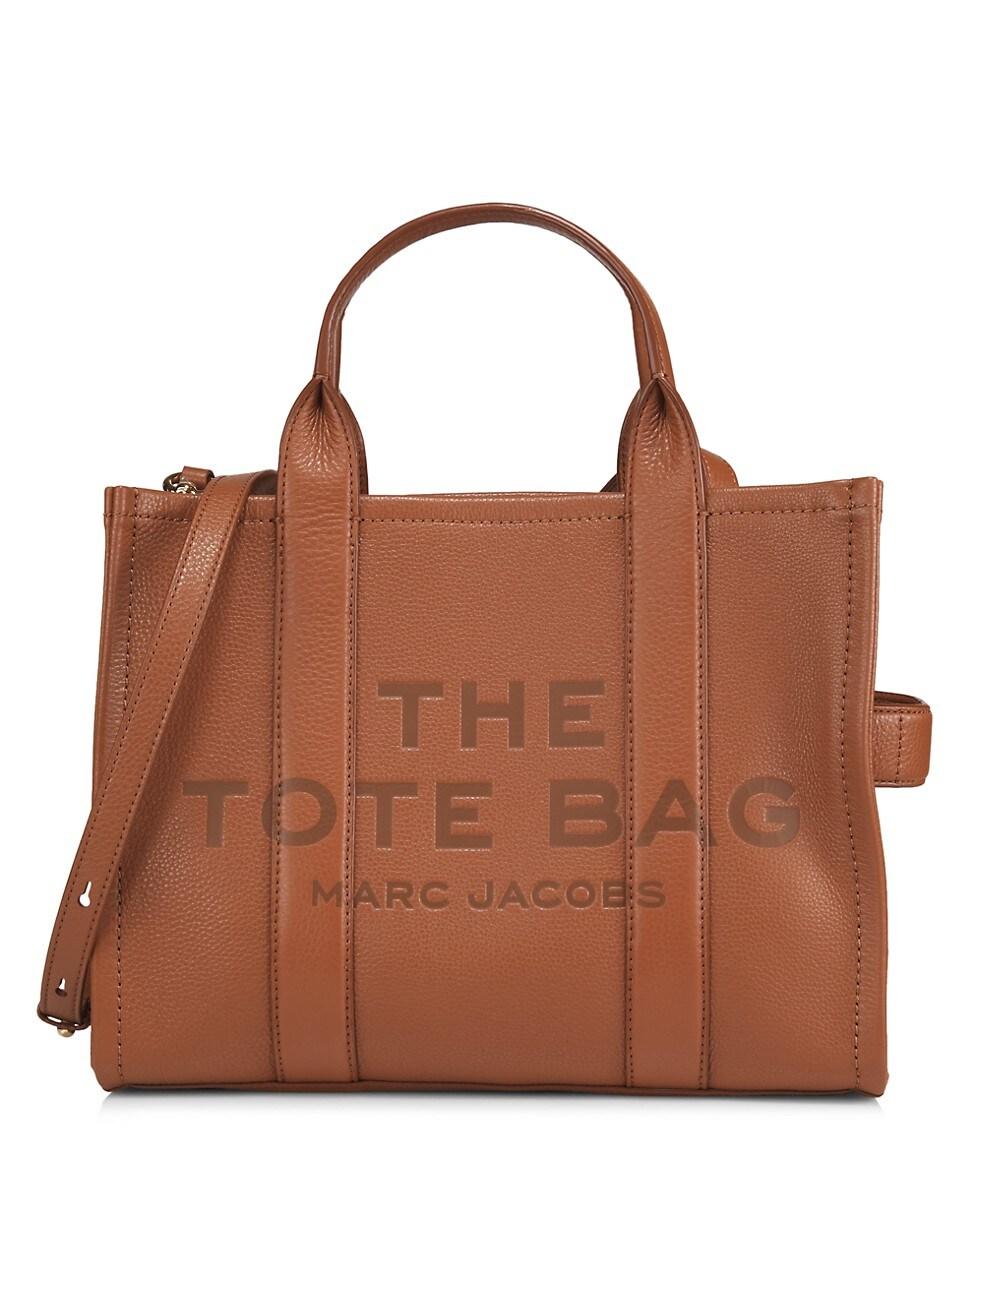 마크 제이콥스 토트백 Marc Jacobs Small Traveler Leather Tote,ARGAN OIL